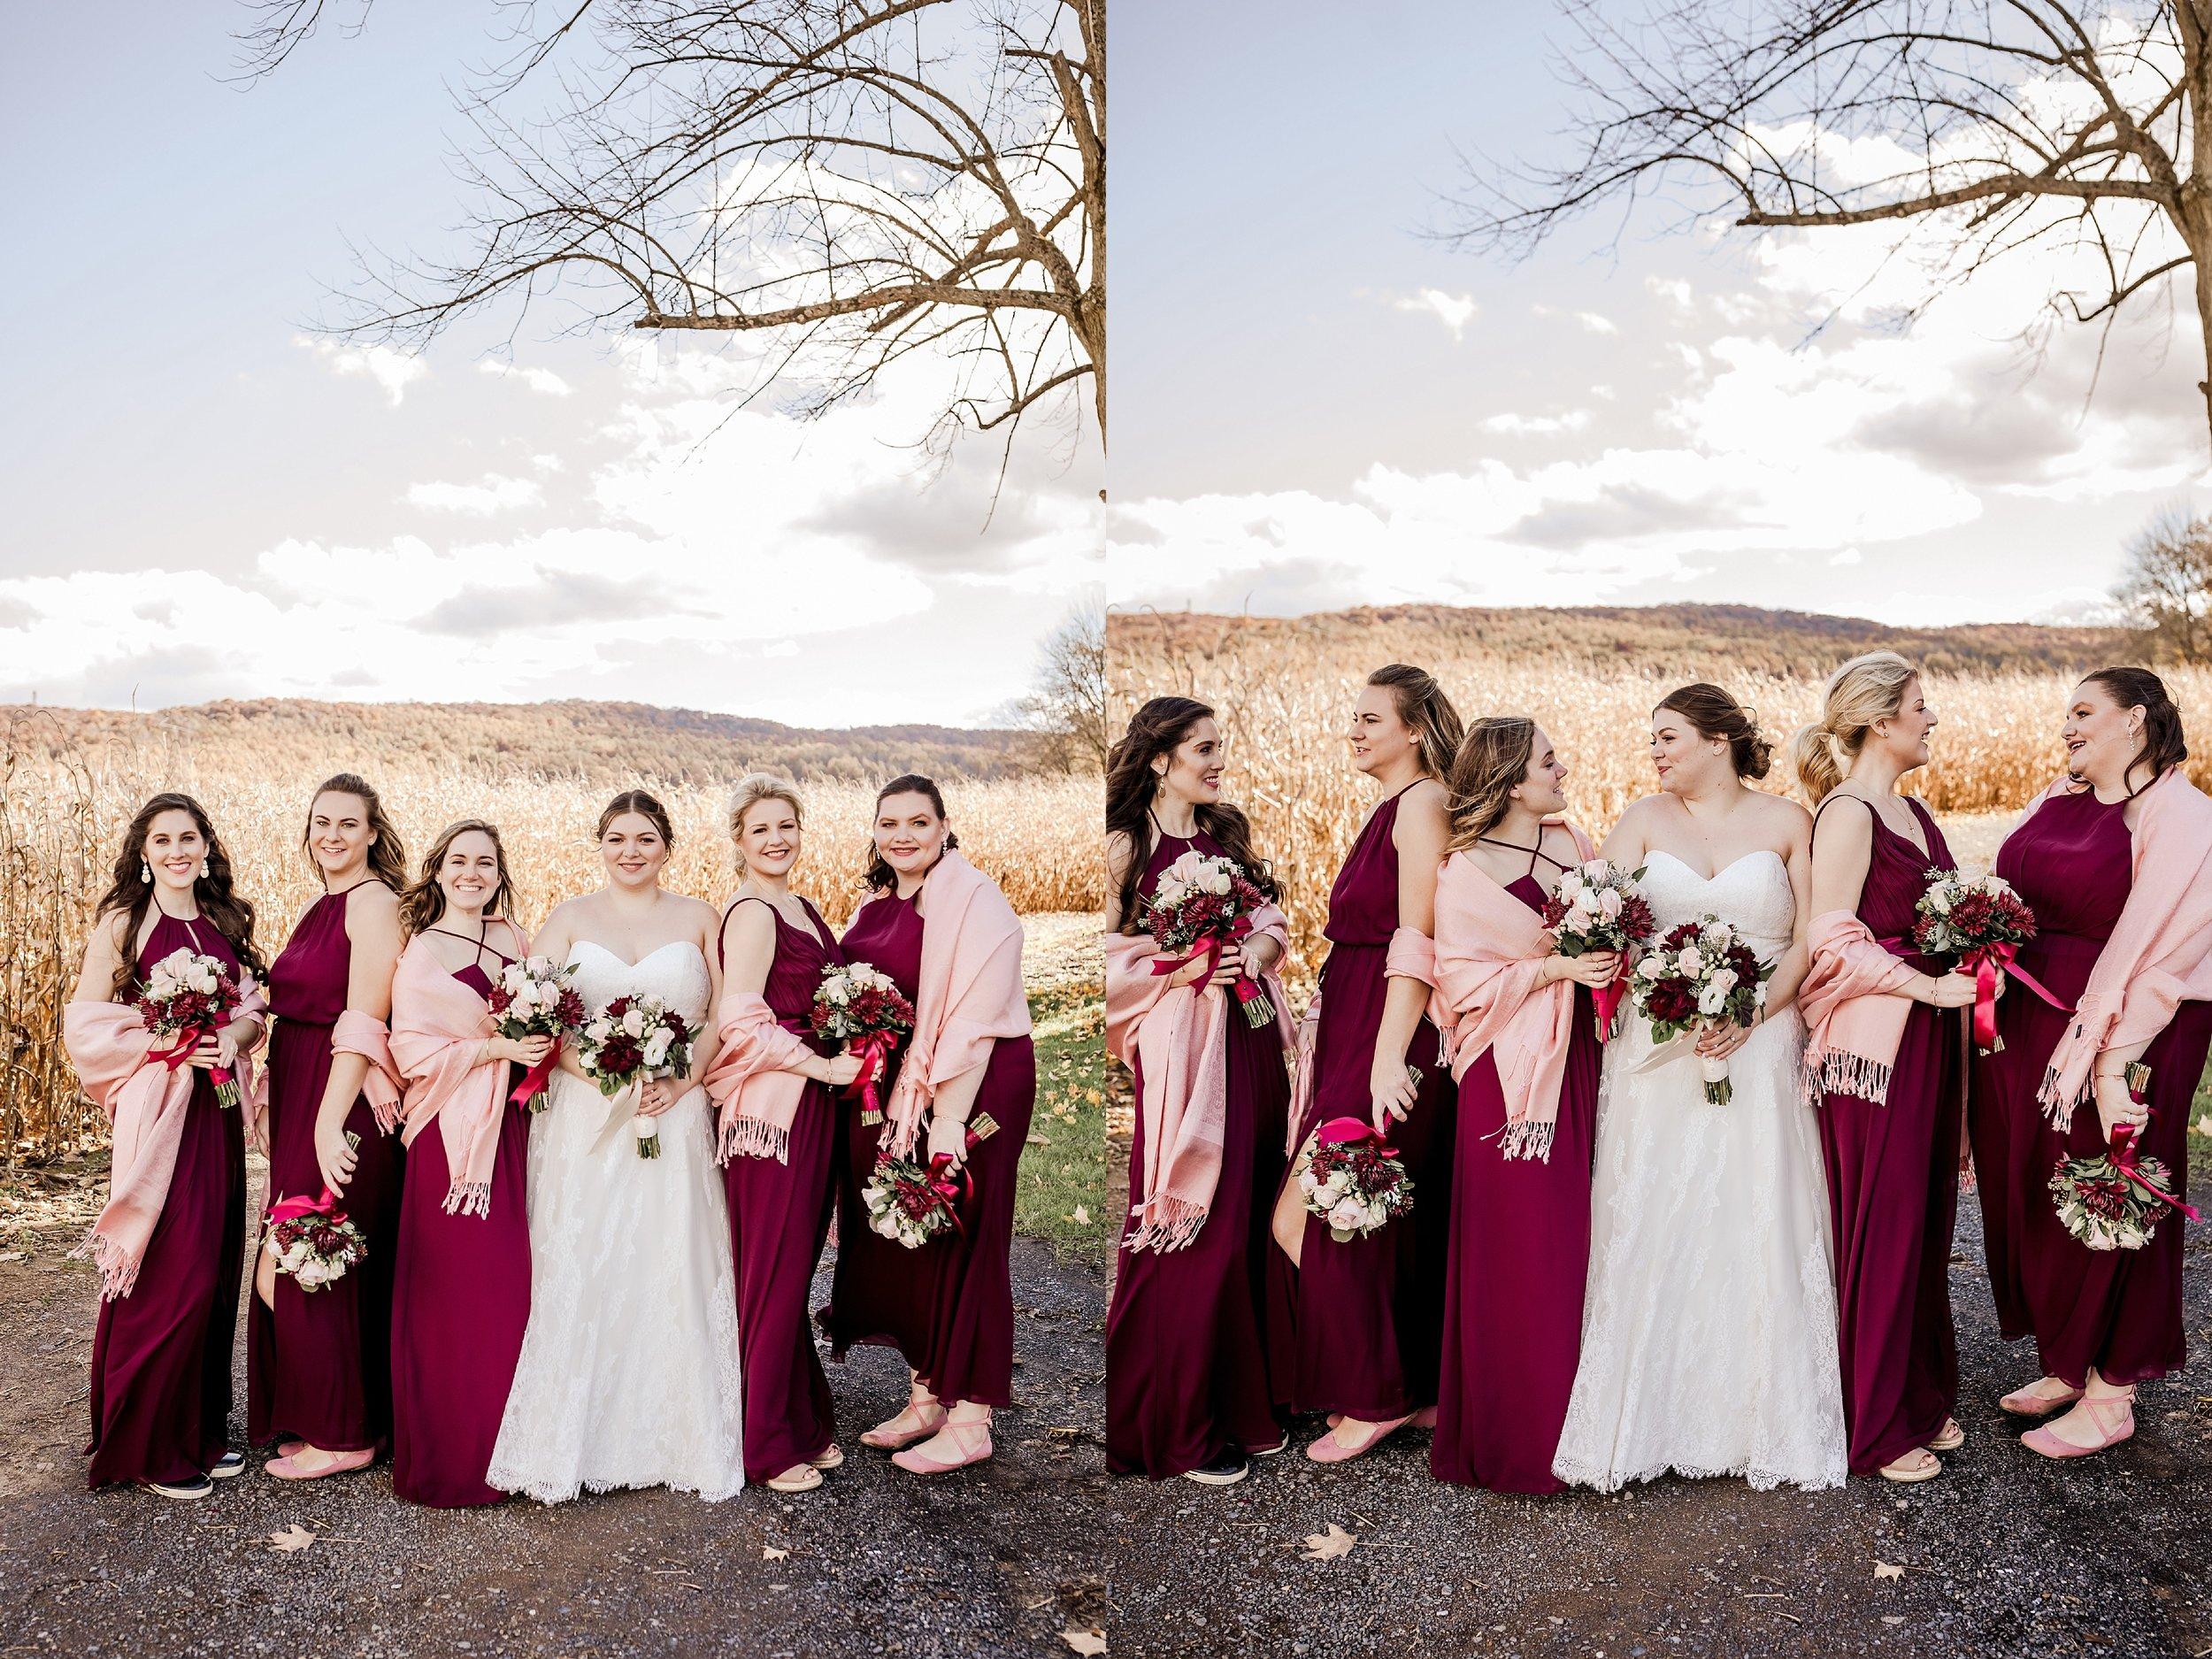 Savidge-Farms-Wedding-Photographer_0047.jpg